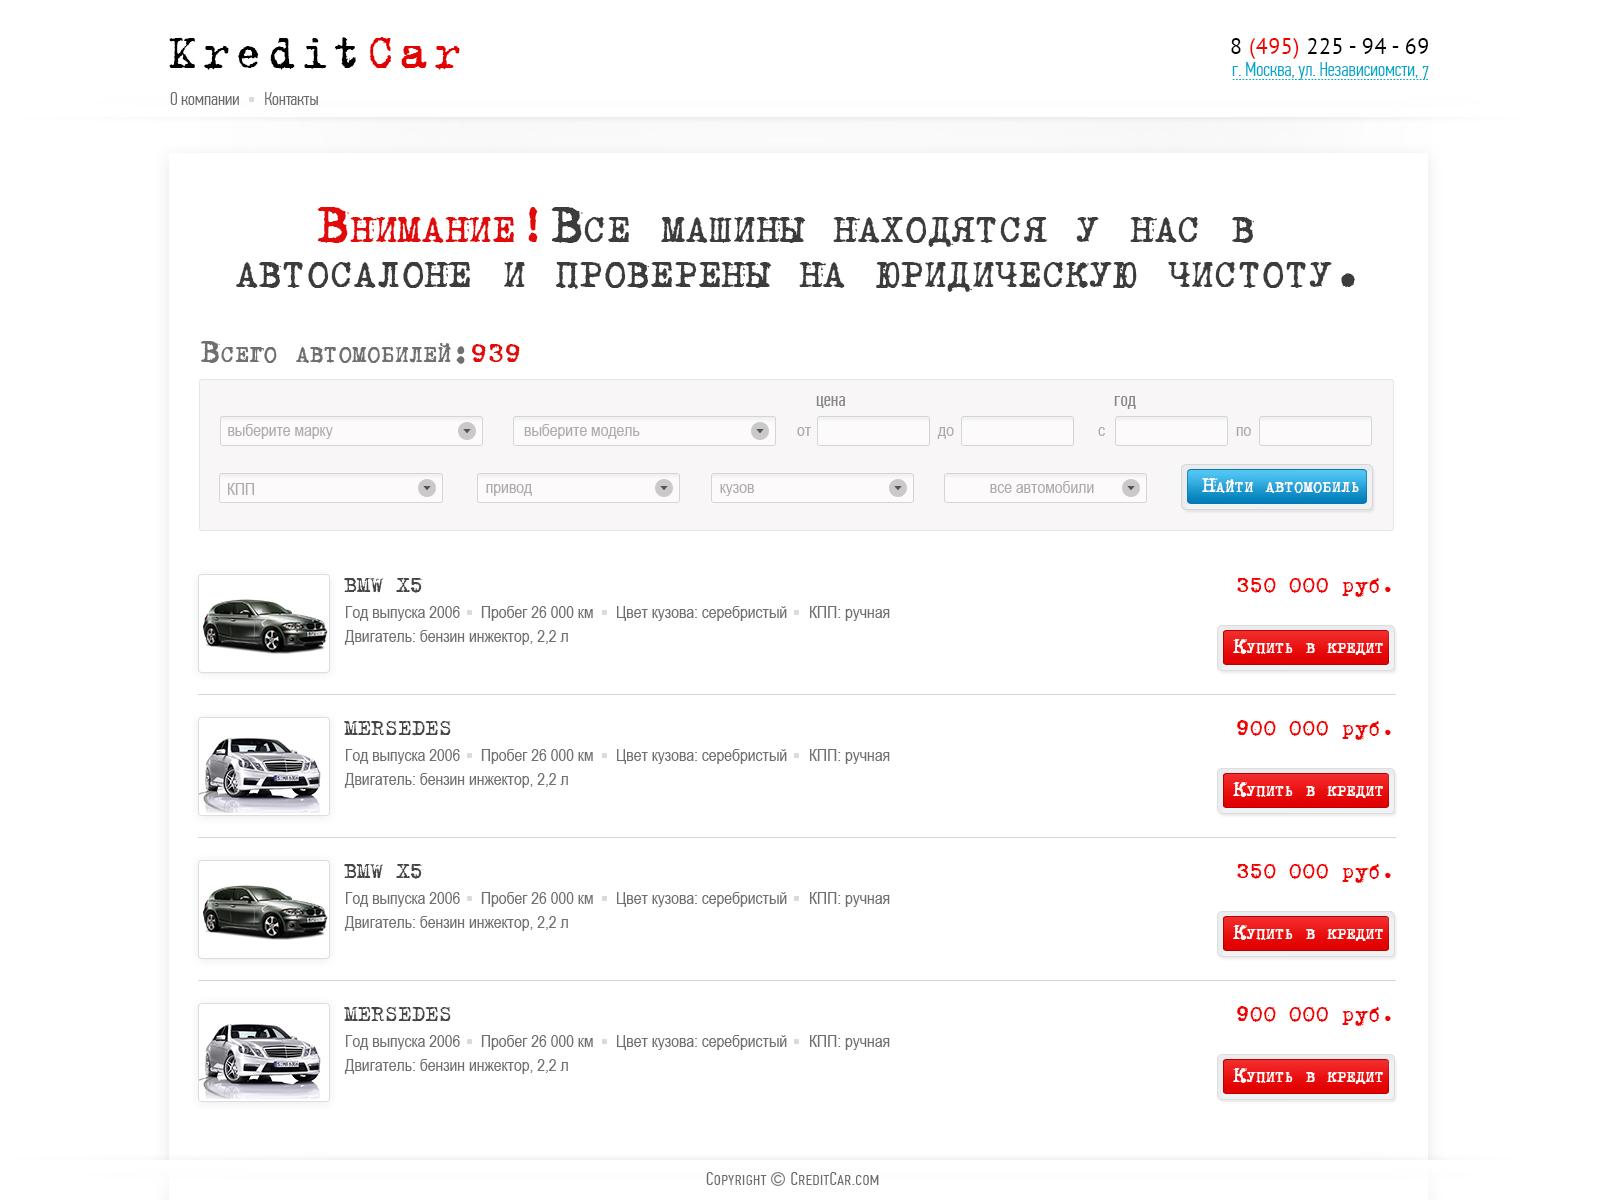 Разработка дизайна внутренних для сайта KreditCar – vn2(+ все остальные внутренние страницы на сайте)